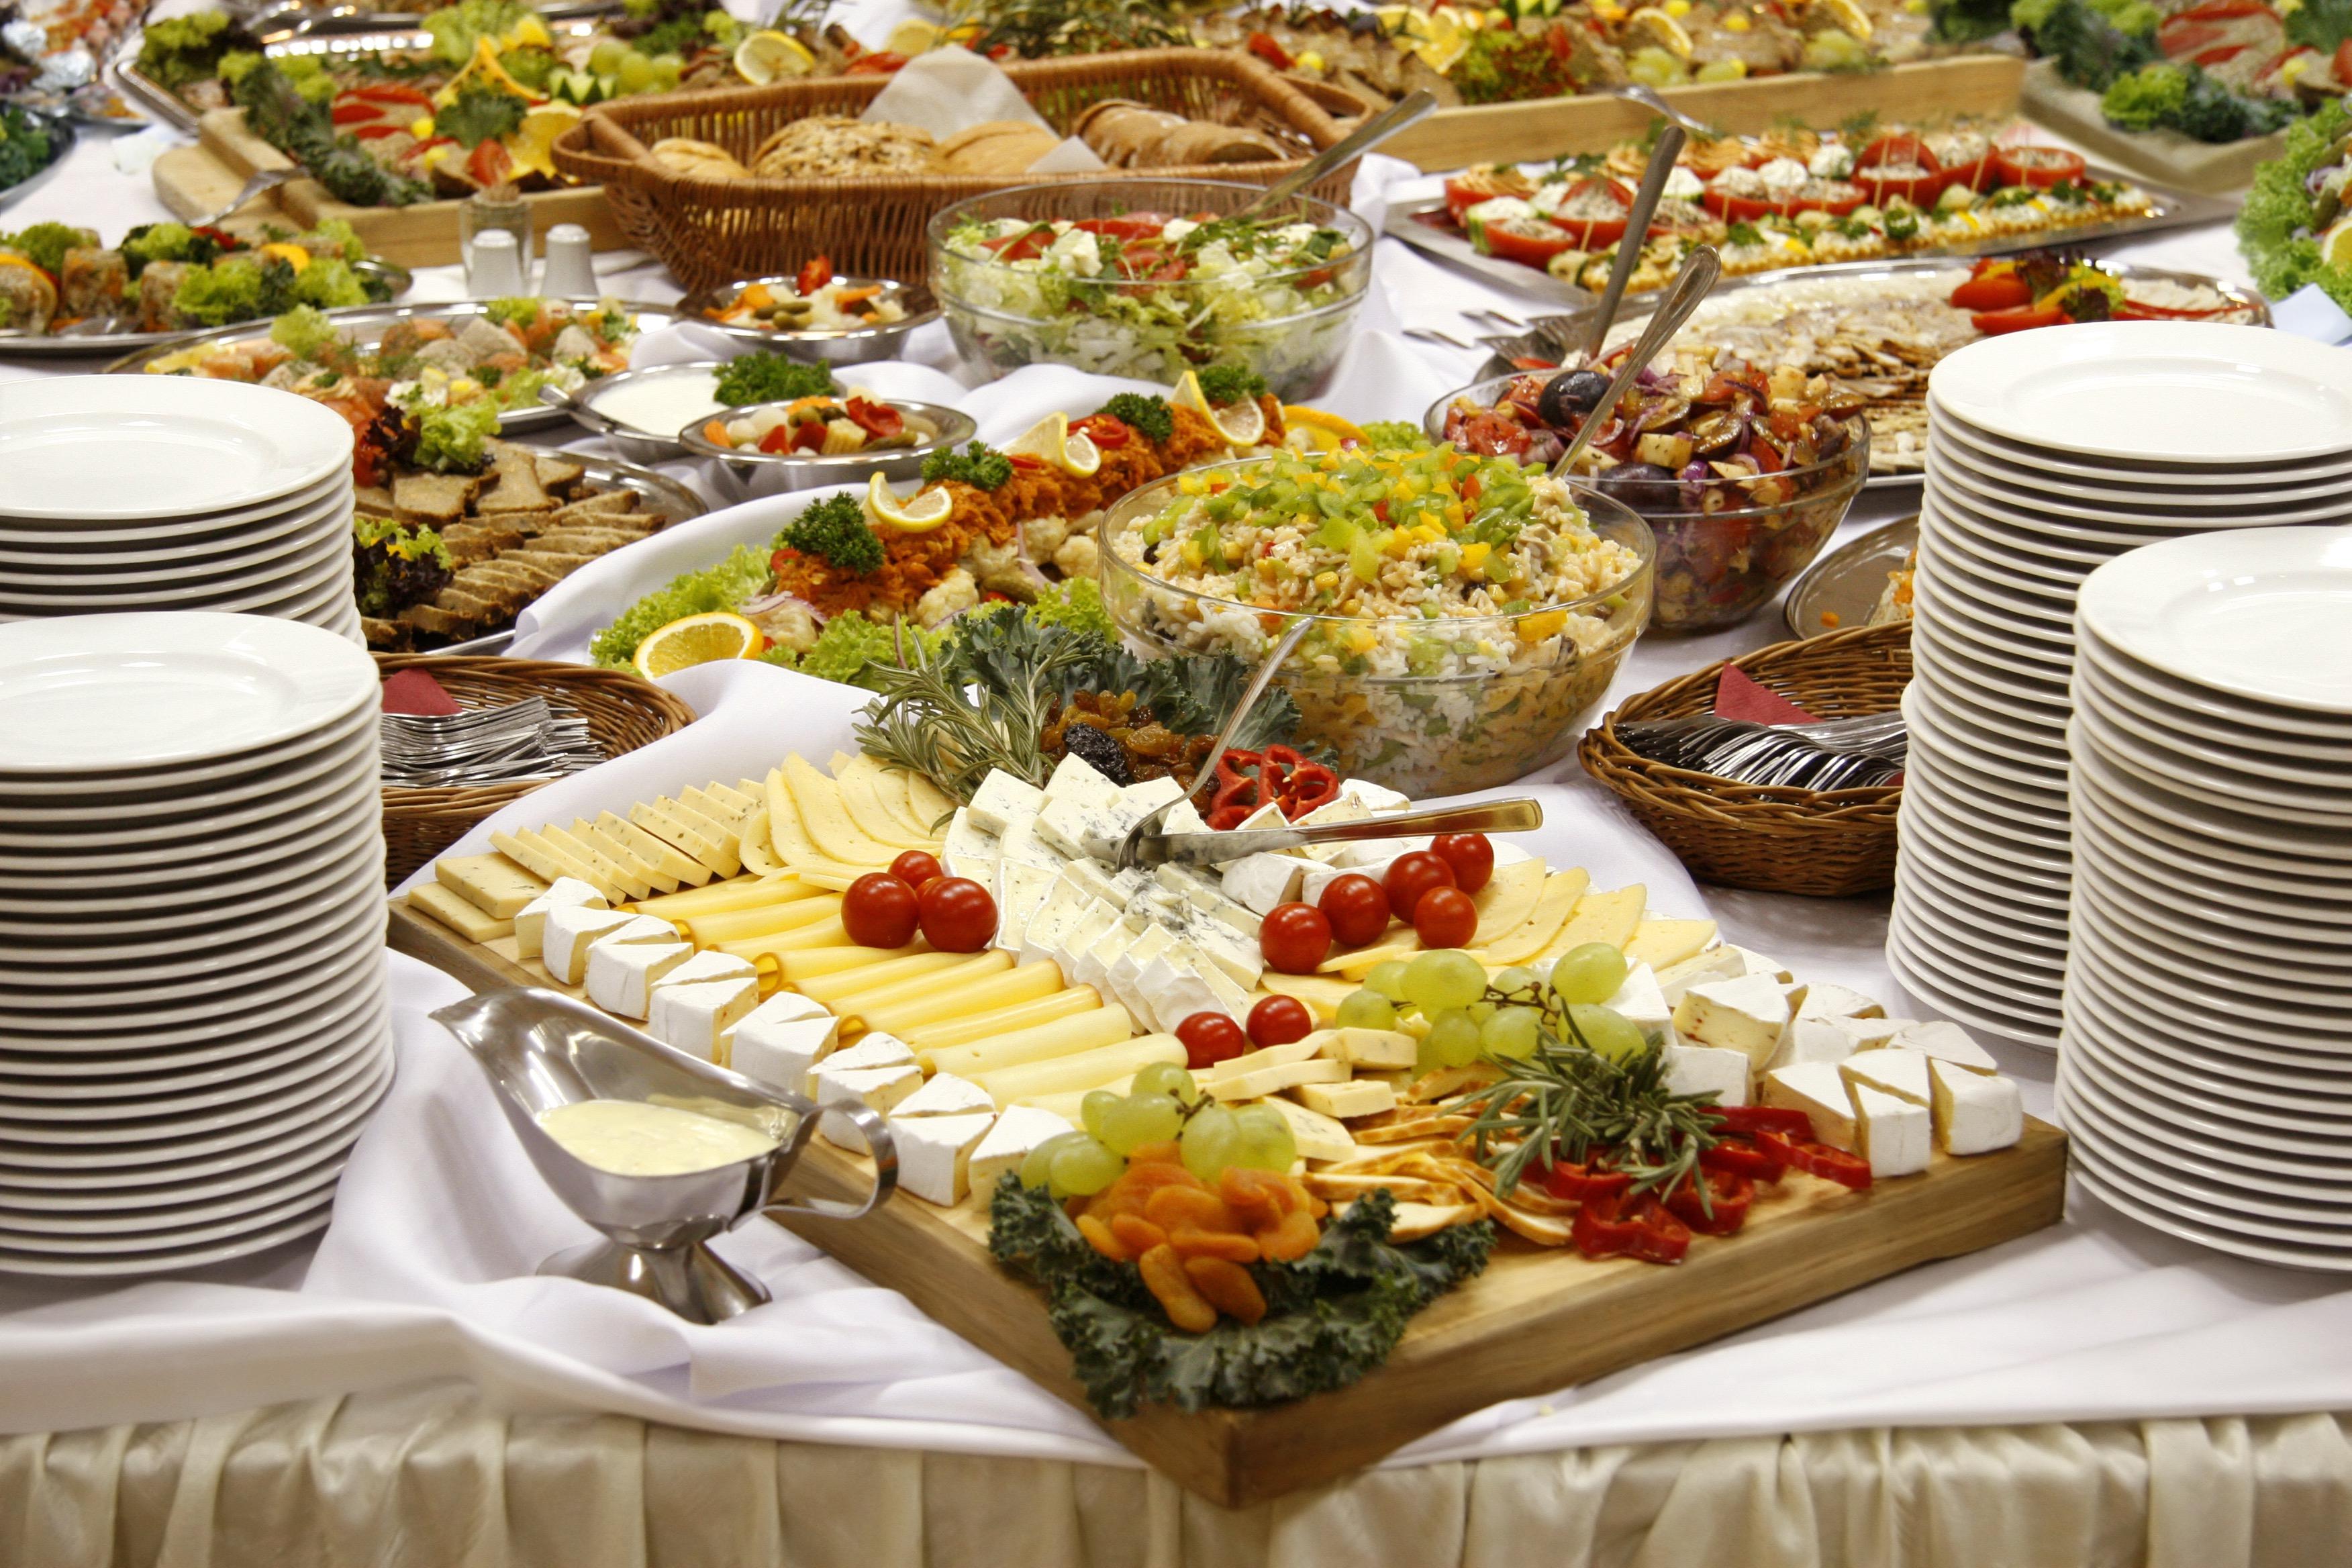 Wonderlijk Eten voor feestje, 7 buffet tips! - Cateringservice Dik Voor Elkaar XN-05